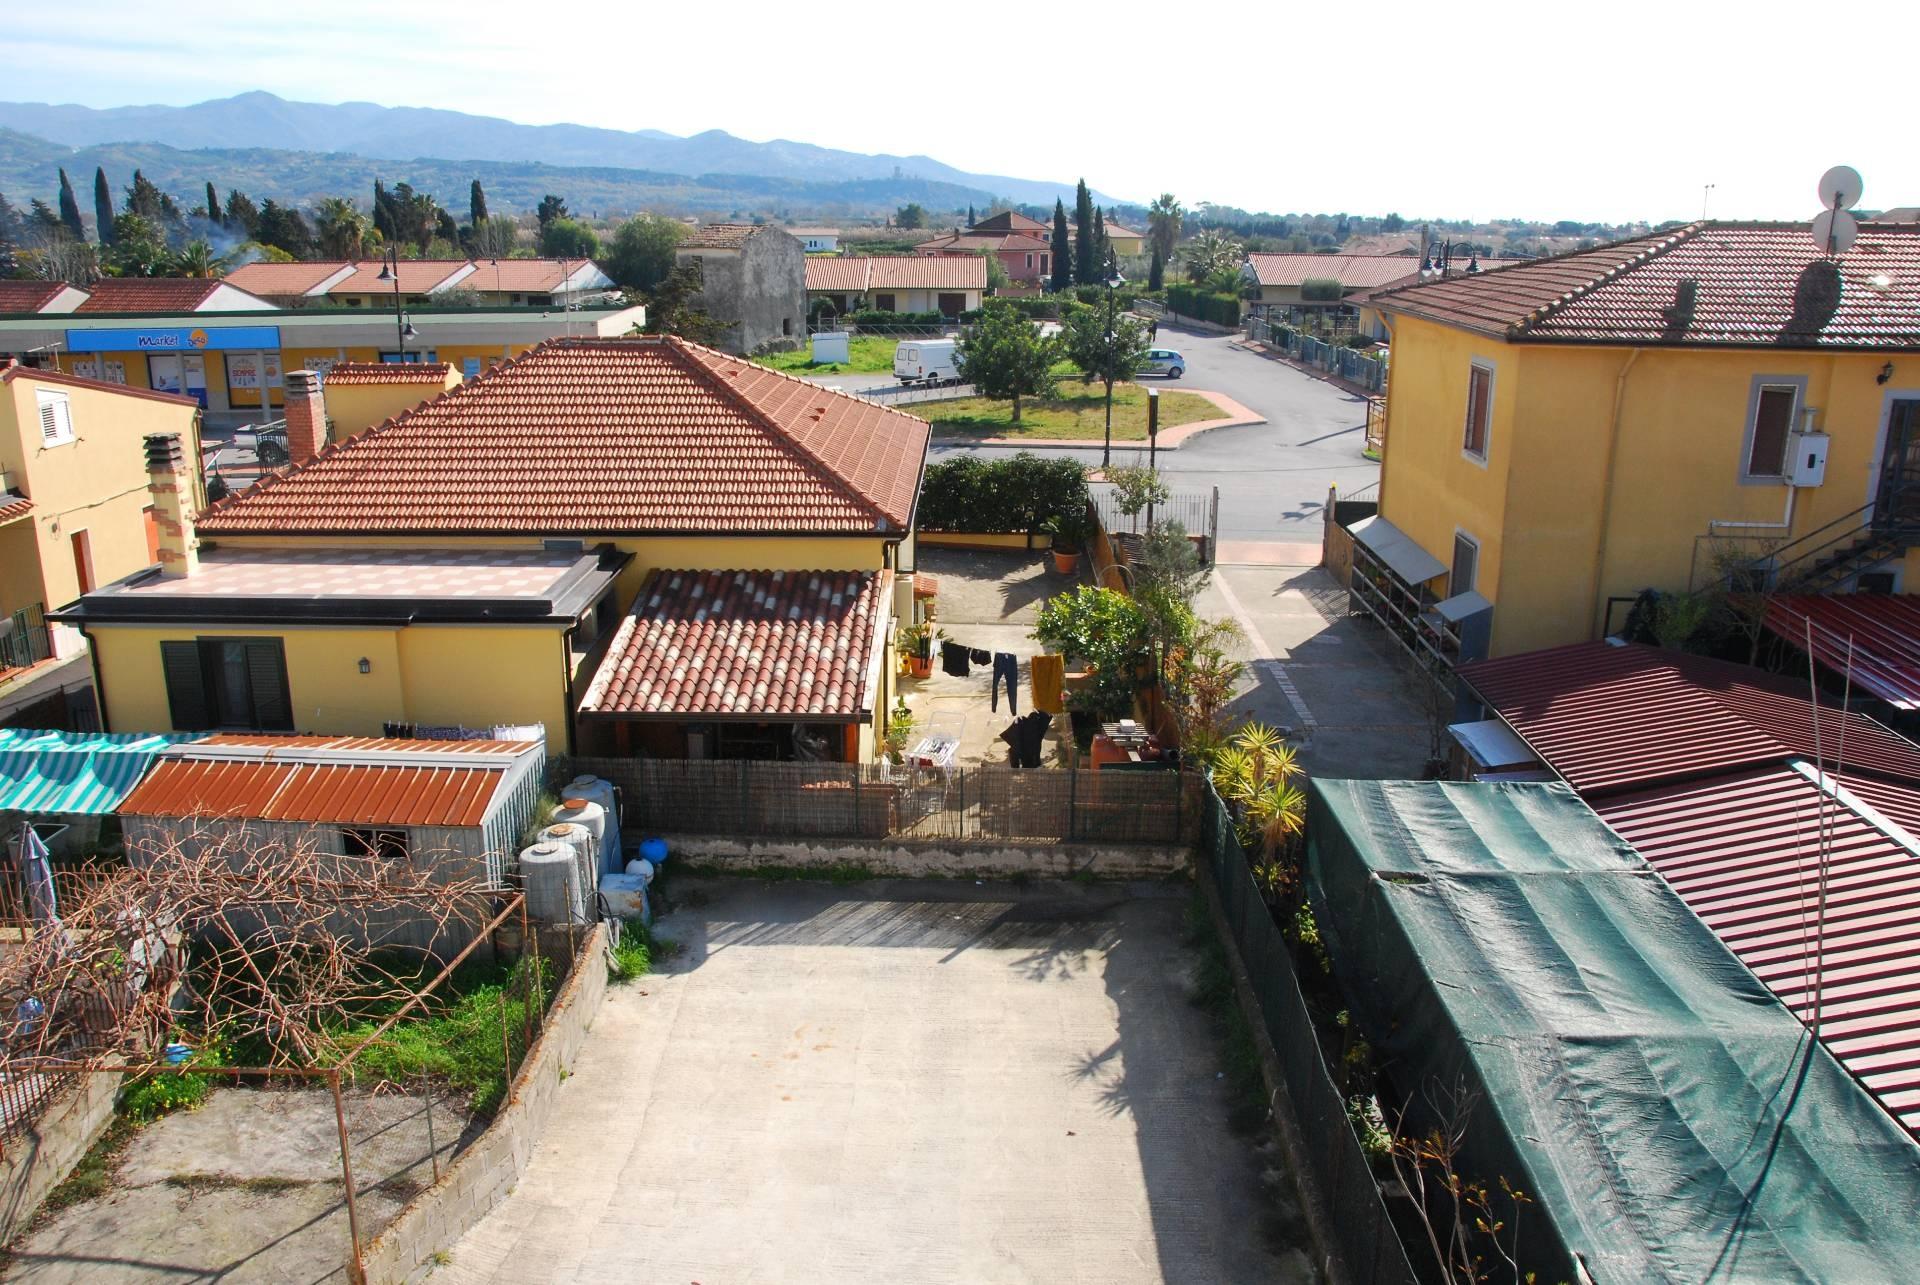 Appartamento in vendita a Casal Velino, 3 locali, zona Località: MarinadiCasalVelino, prezzo € 70.000 | CambioCasa.it